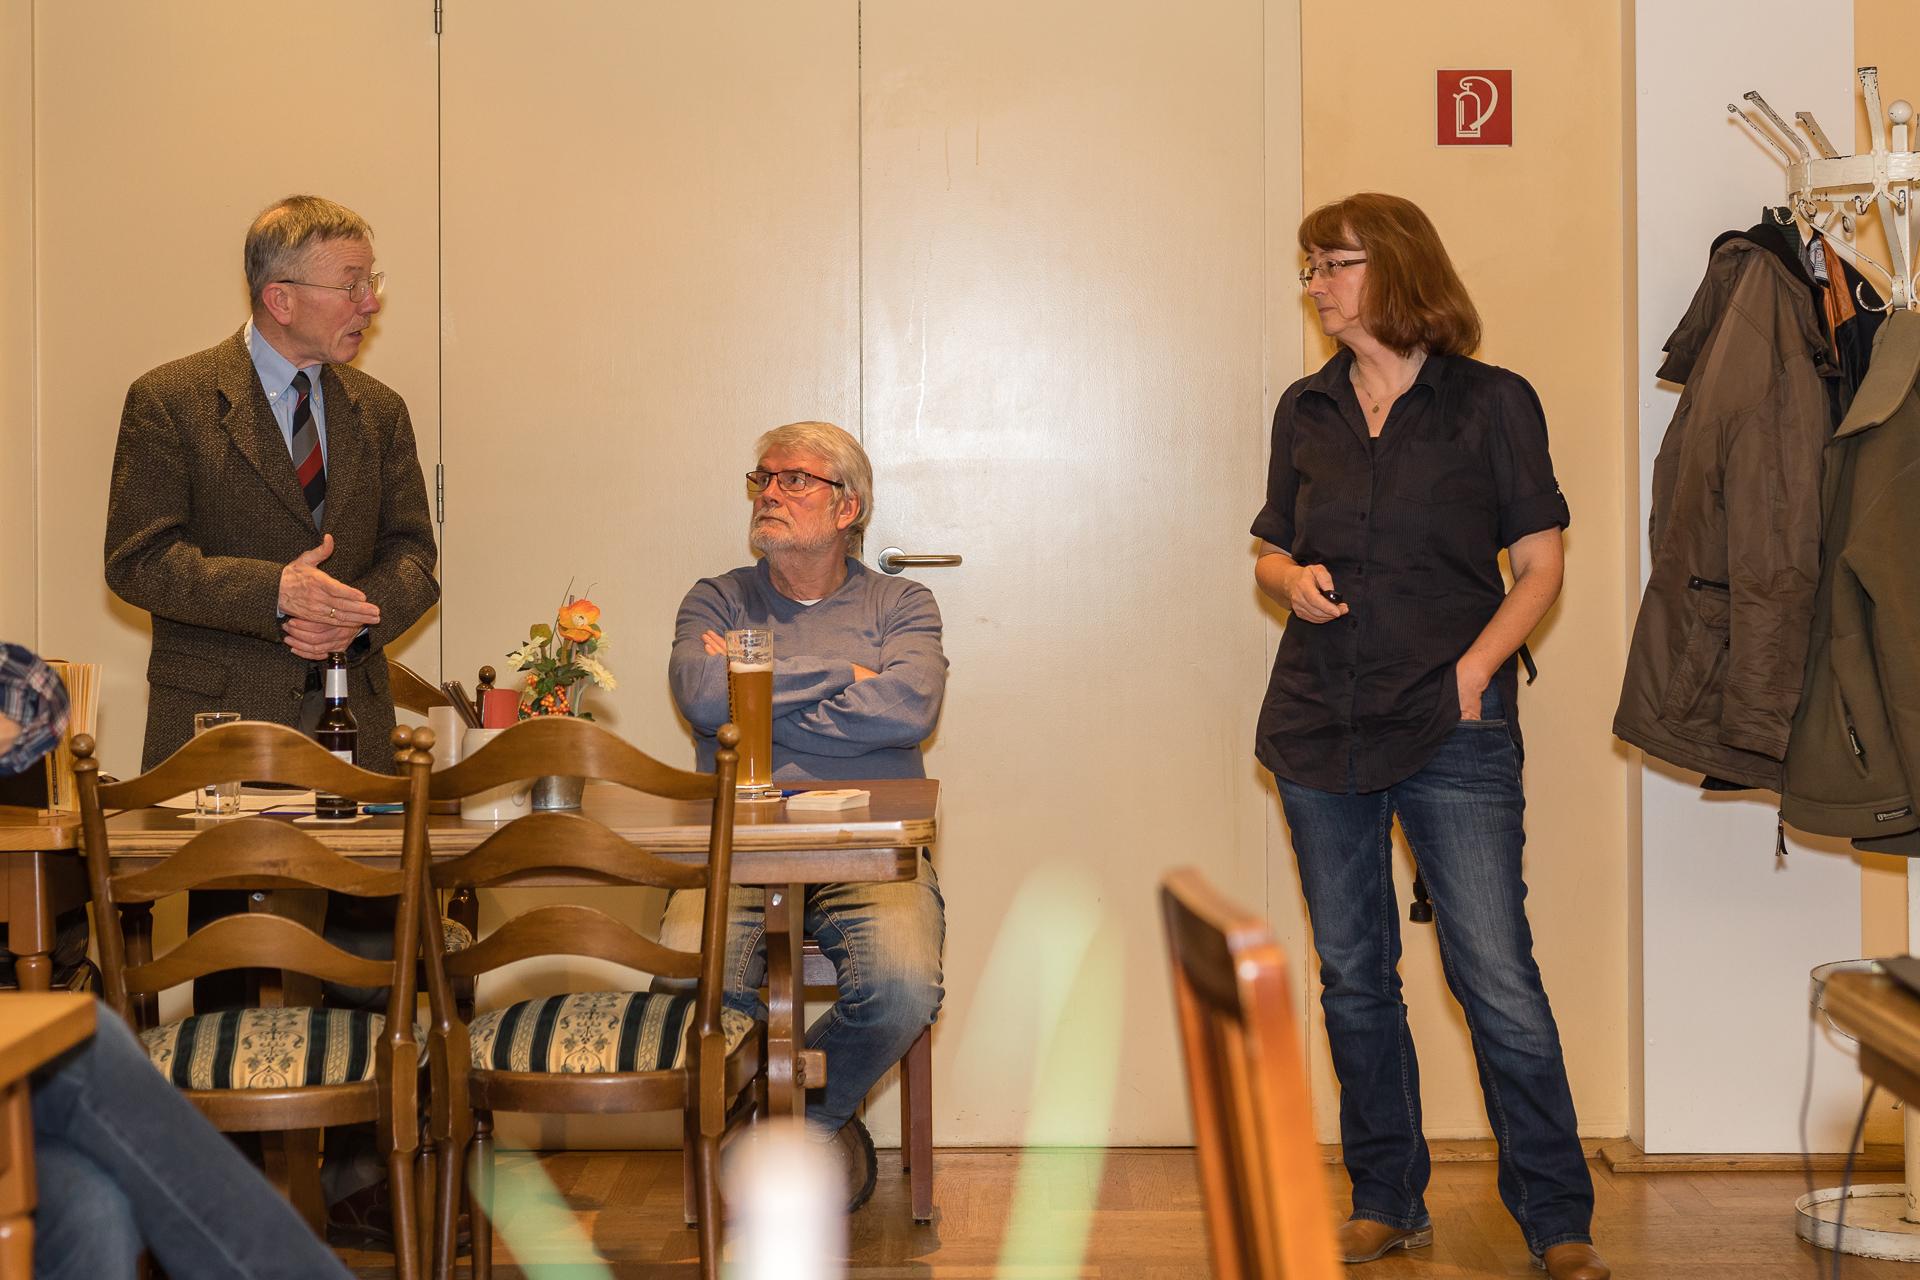 Rea Brinkhoff und Dr. Christian Hoyer im Austausch über Windkraft (Foto: Andreas Sebald)